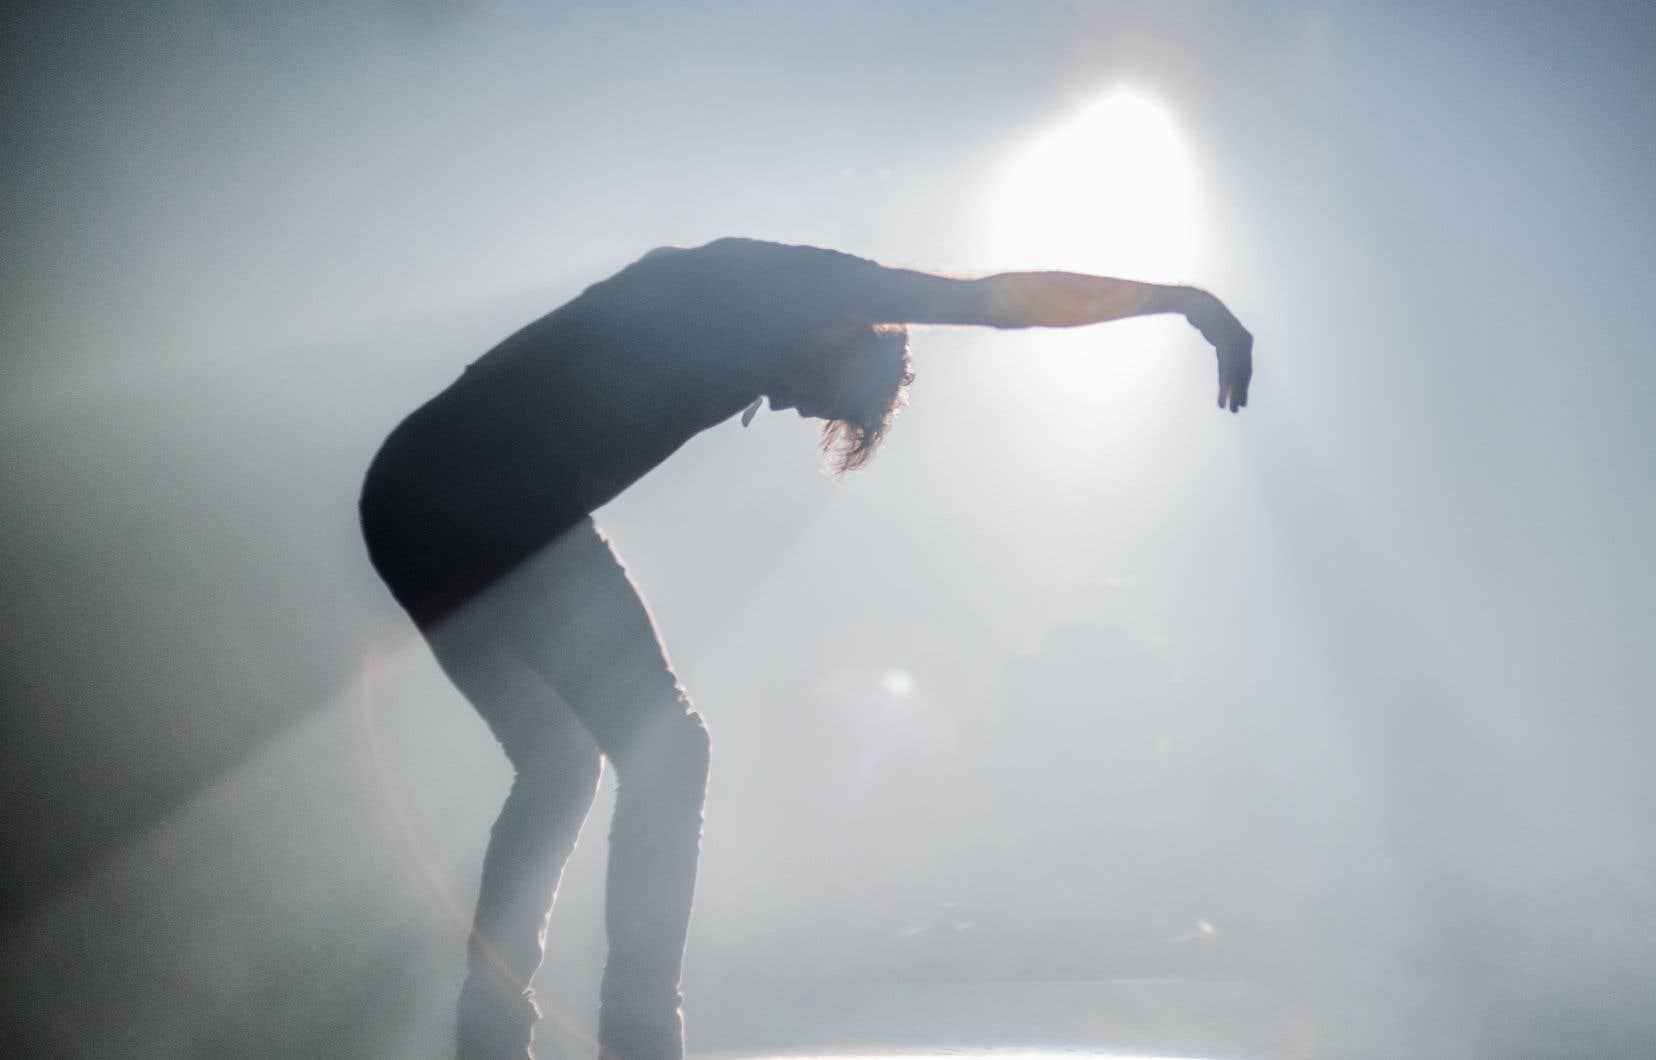 Porté par la musique rock progressive du groupe mené par Philippe Brault, l'énergie intense qui finit par se dégager du corps du danseur est sans doute l'aspect positif à retenir de «Fear and Greed».